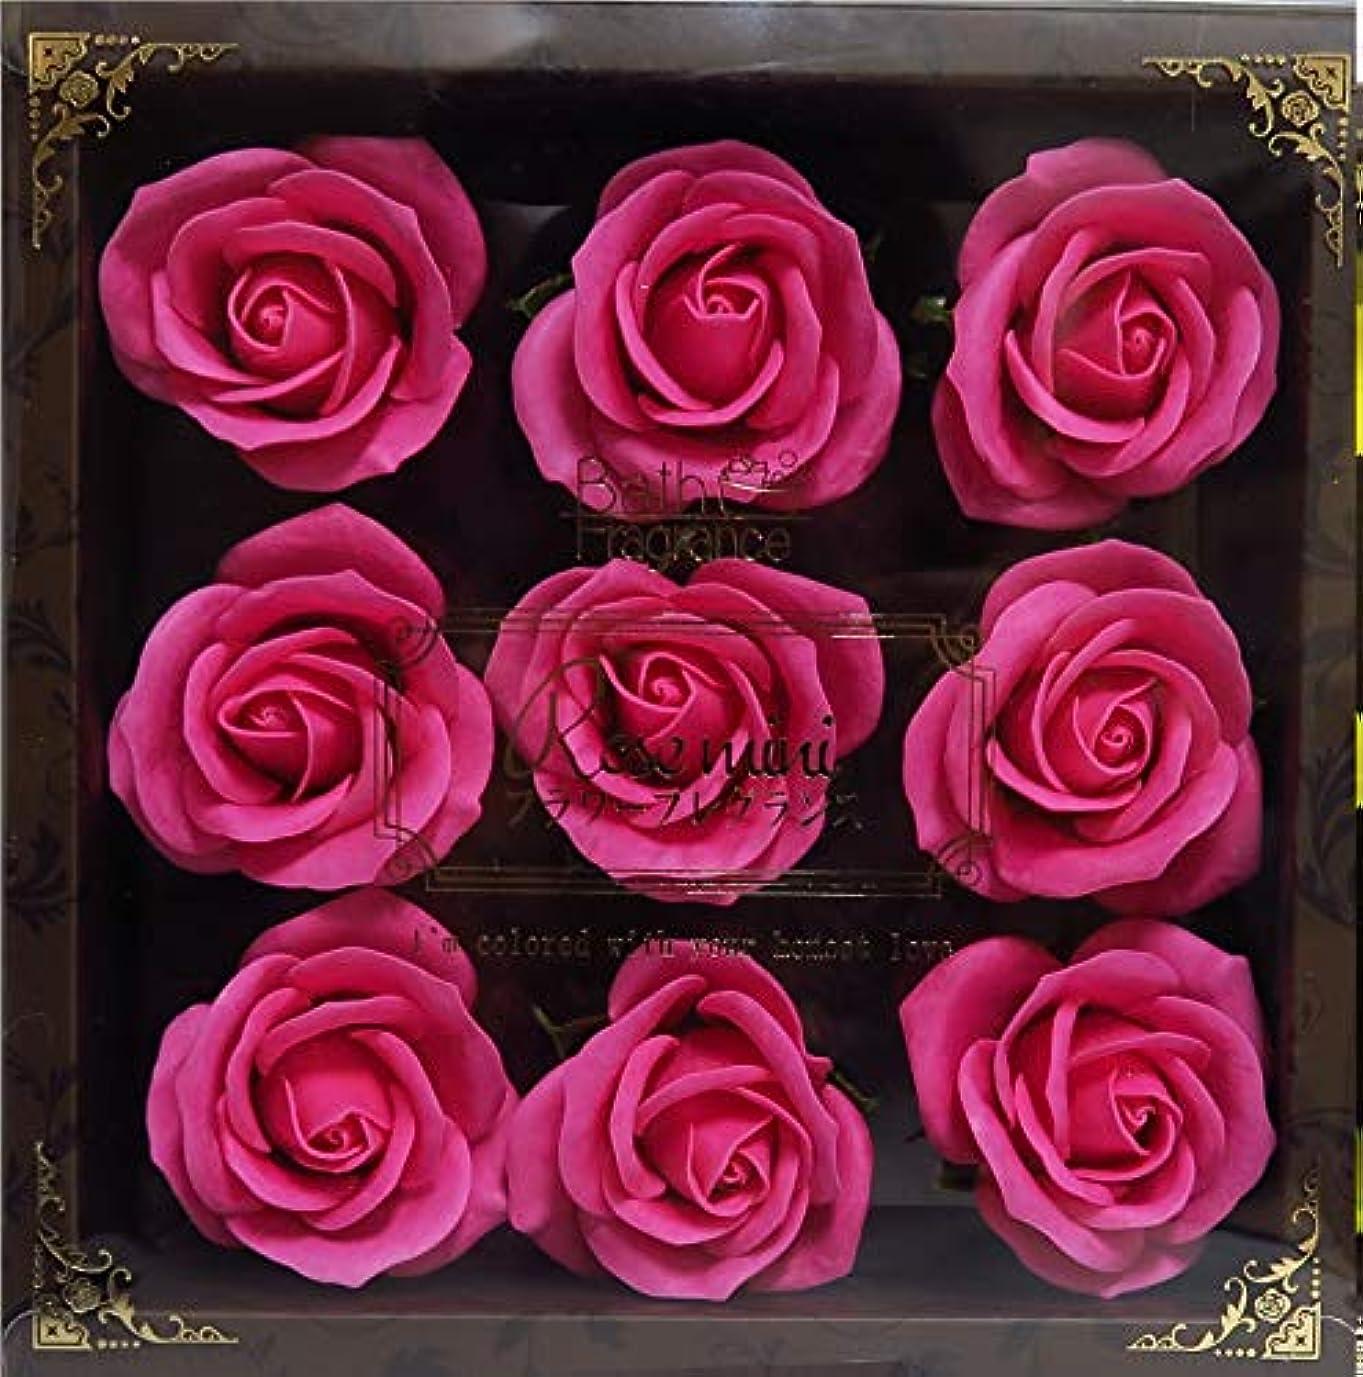 トレッド微視的テレックスバスフレグランス バスフラワー ミニローズフレグランス(L)ローズピンク お花の形の入浴剤